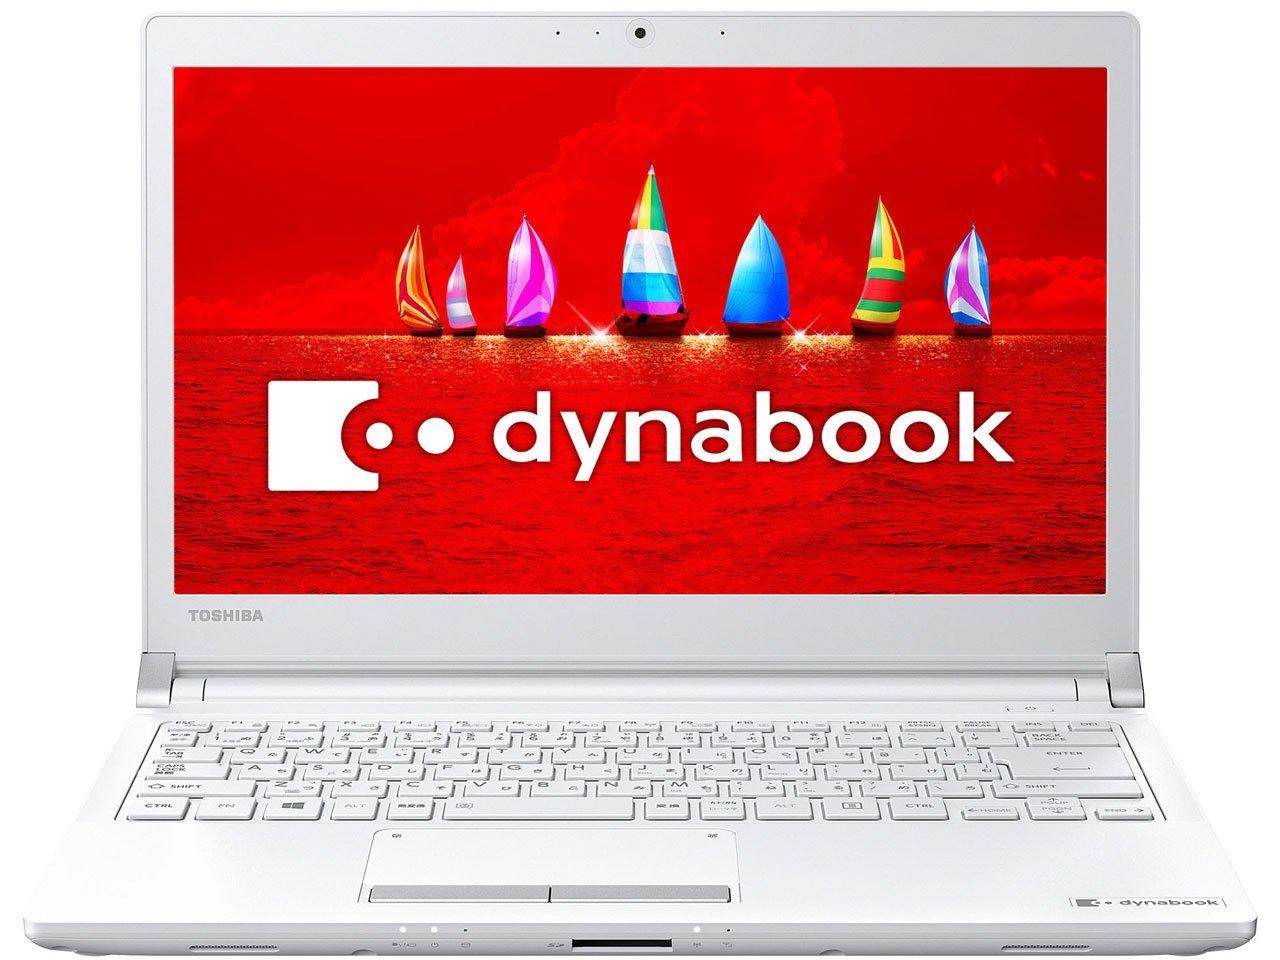 東芝 13.3型ノートパソコン dynabook RX73/VWR プラチナホワイト(Office Home&Business Premium 搭載) PRX73VWRBJA   B01EBN24XC